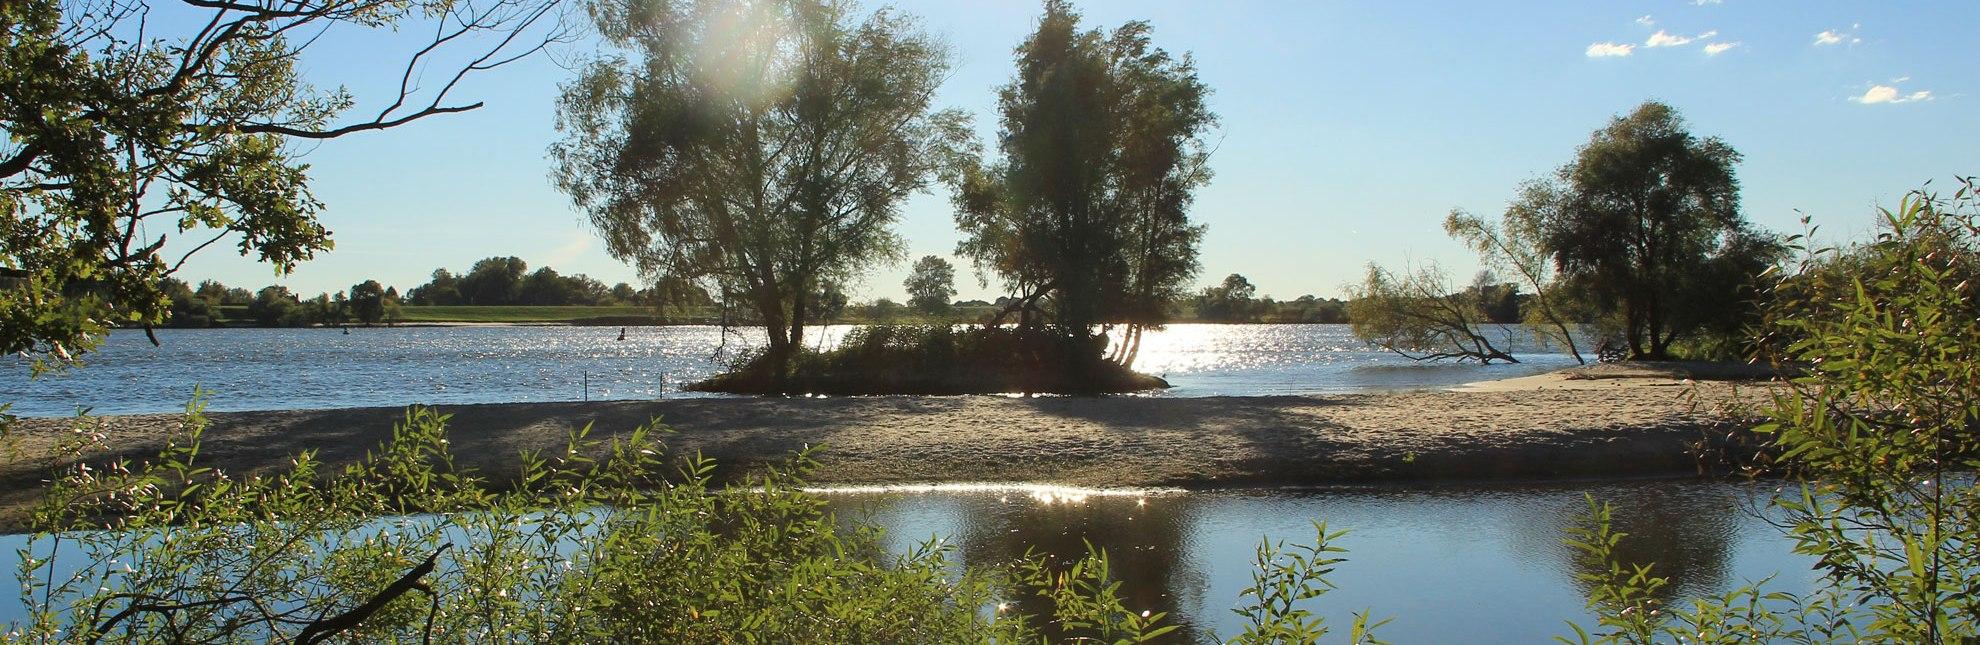 Glitzernde Elbe, Sandbänke und Auenwald im Naturschutzgebiet Hohes Elbufer bei Geesthacht, © Tourist-Information Geesthacht